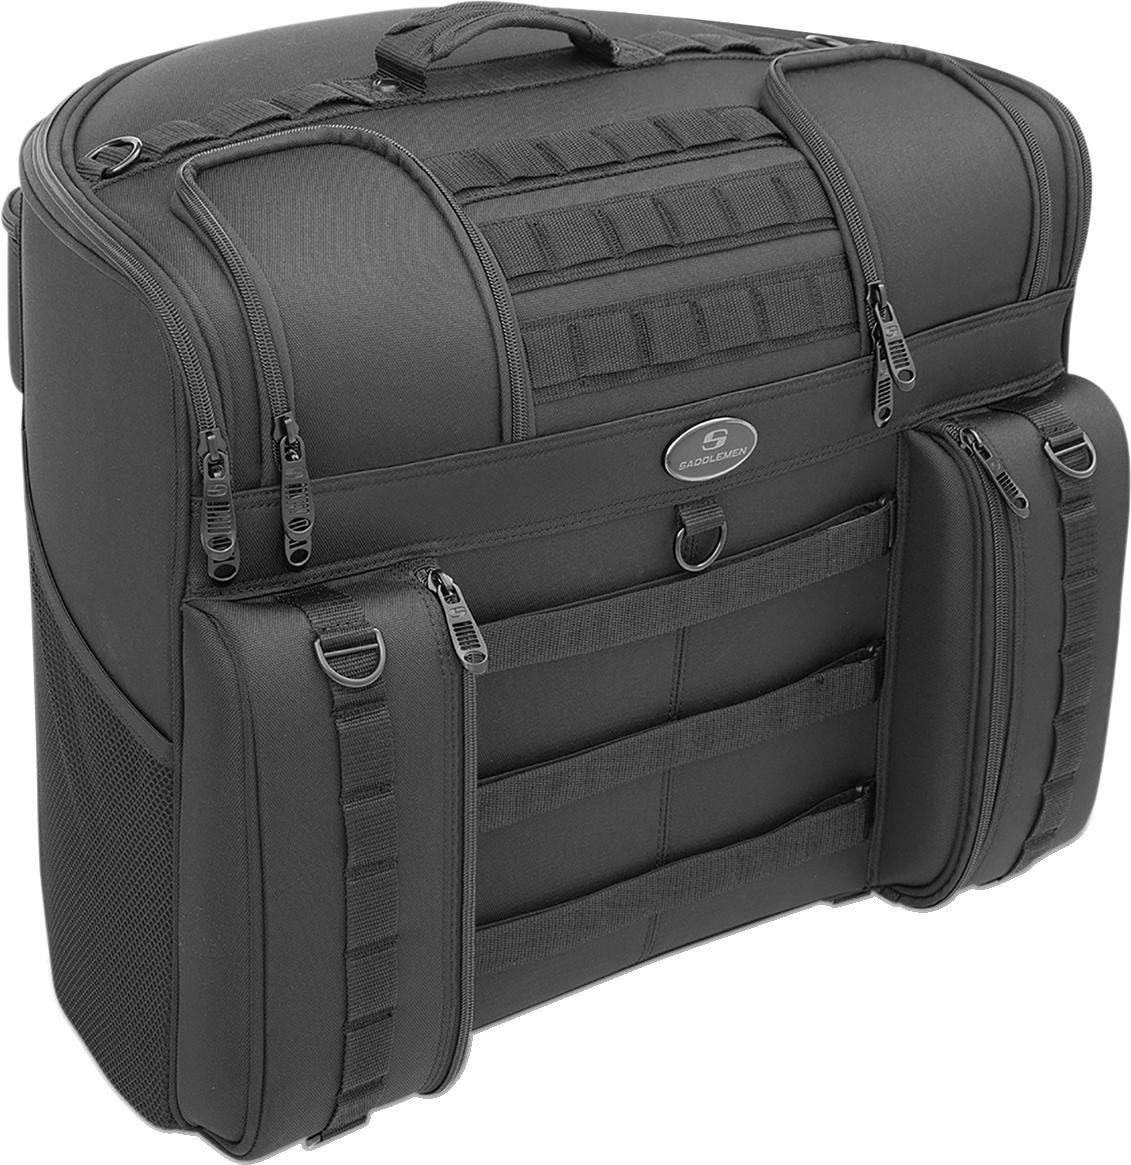 Saddlemen BlackBR4100 Tactical Textile Rear Back Seat Bag for Harley Davidson